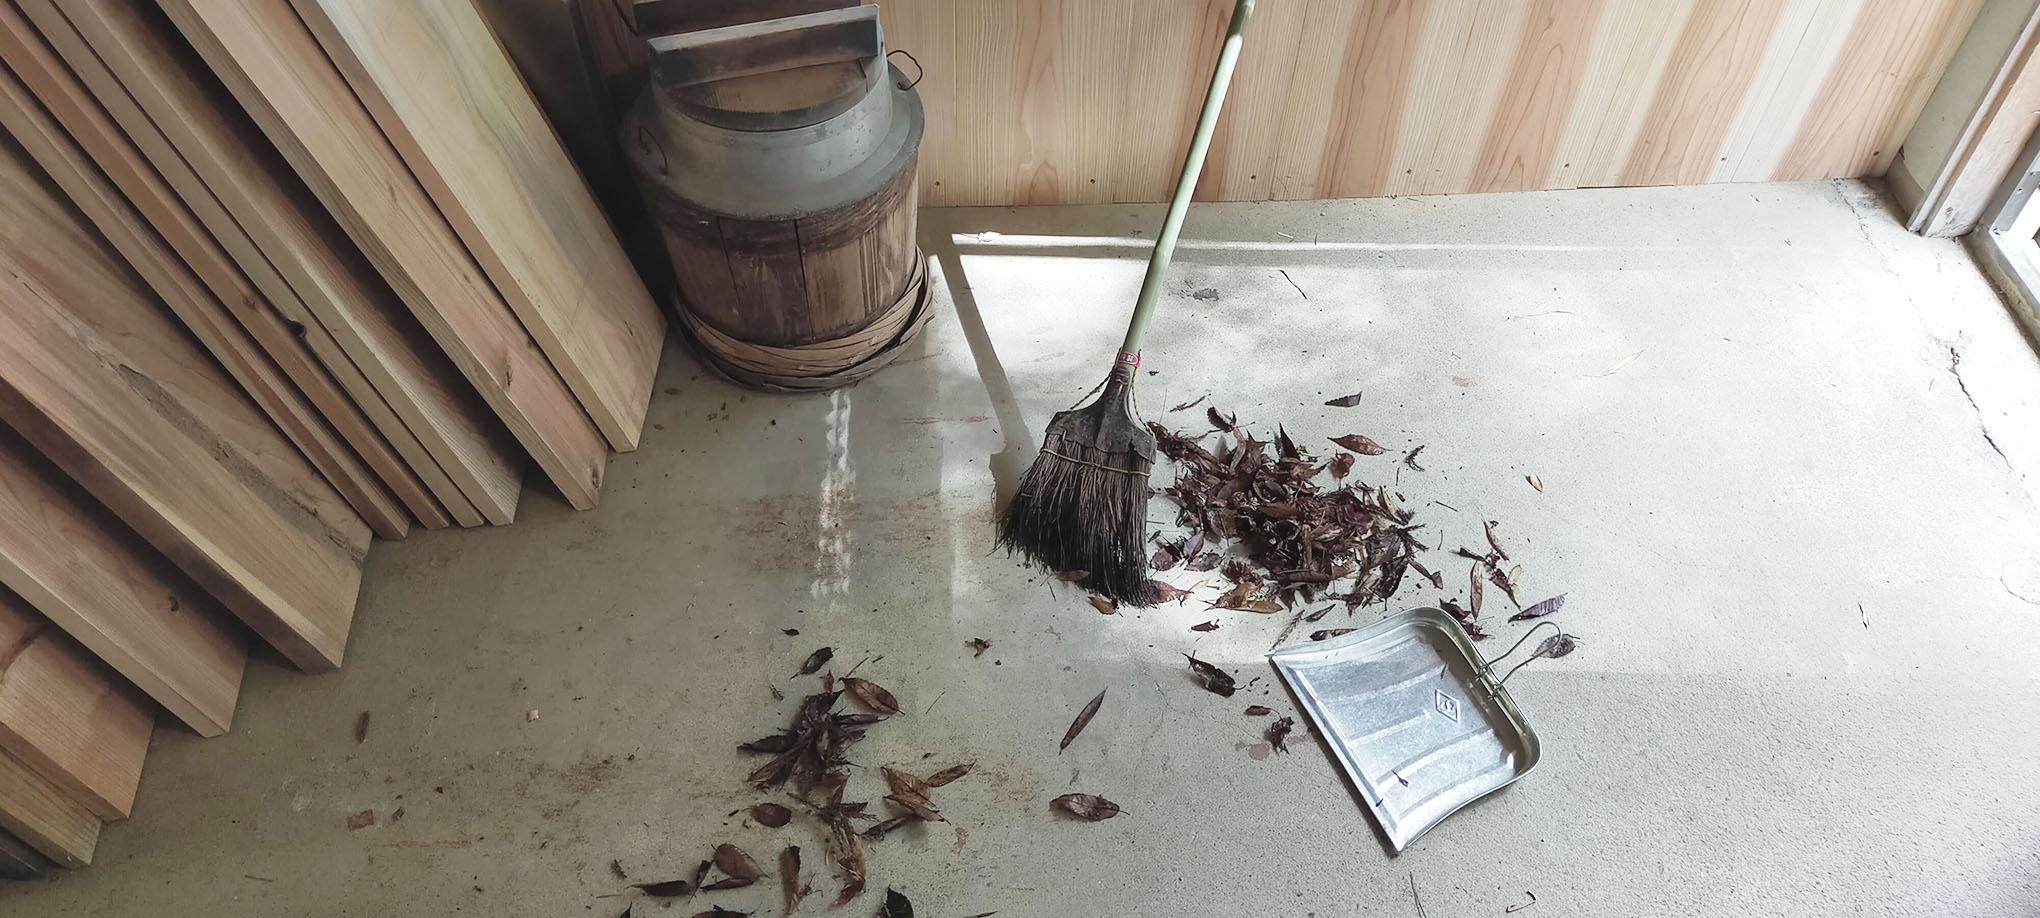 ヤッホー!暮らしの往復書簡vol.17落ち葉をばらまいて掃き掃除。